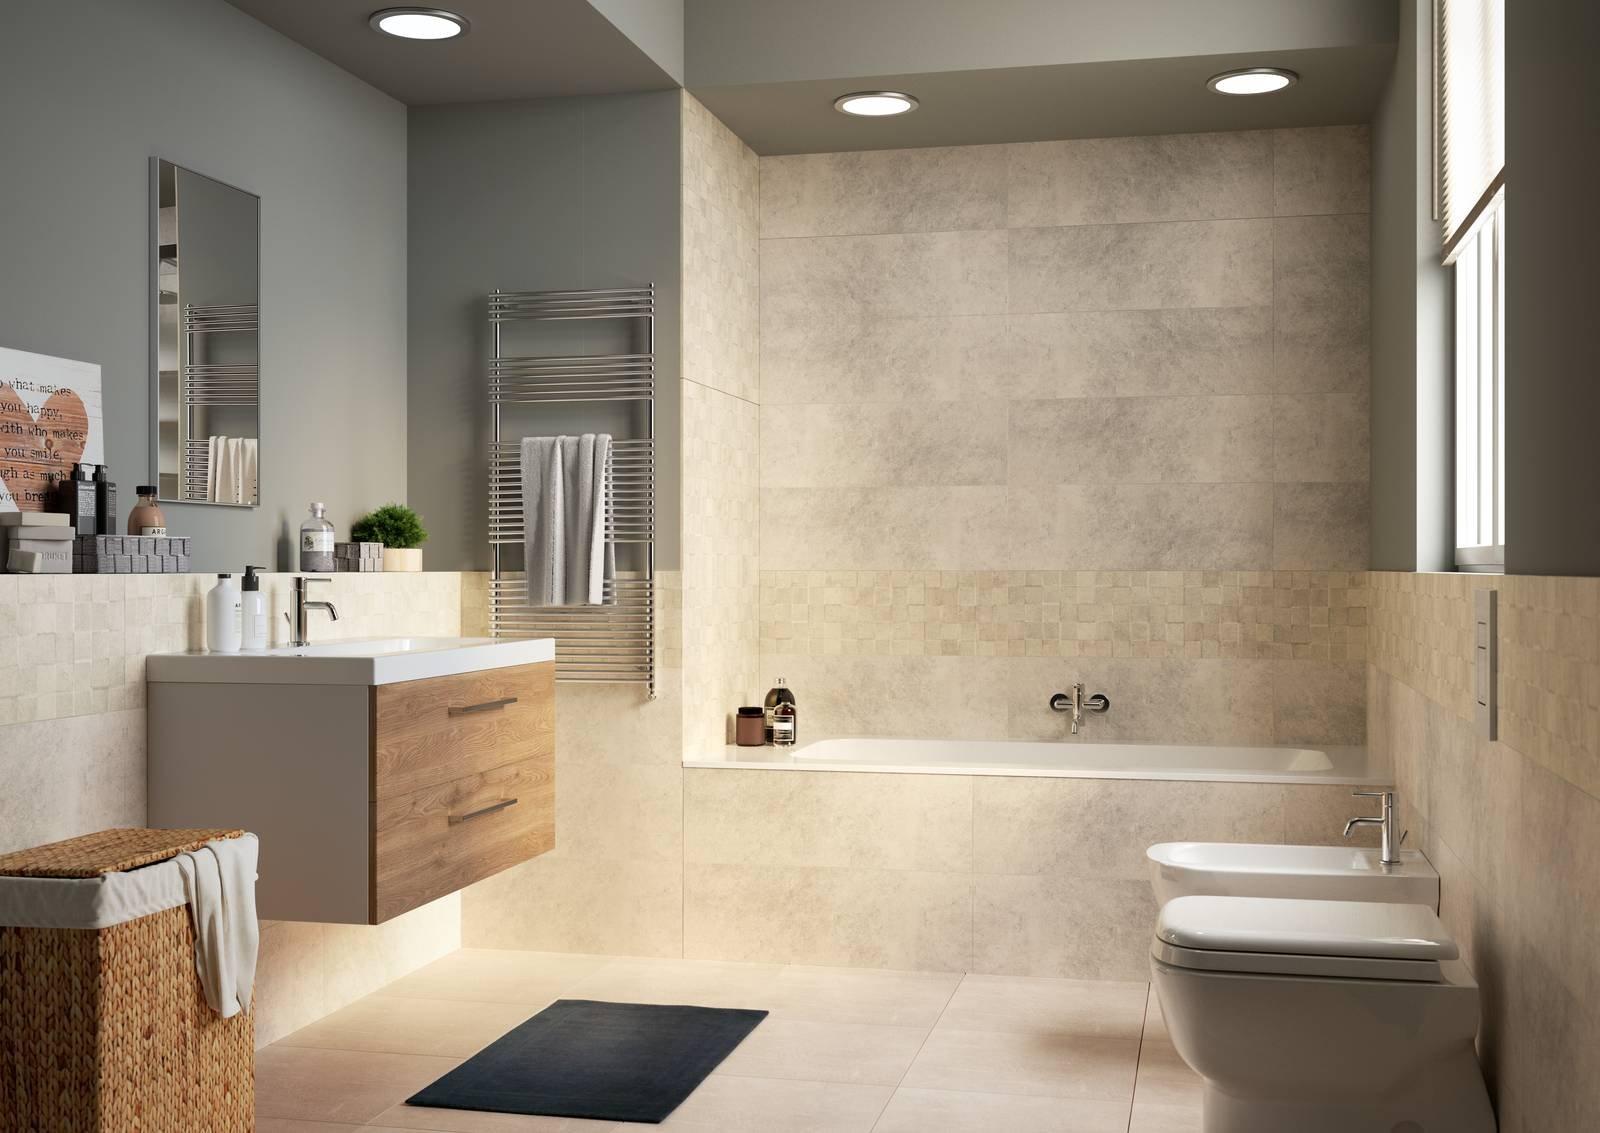 Da vasca a doccia un bagno nuovo su misura cose di casa - Costo vasca da bagno ...